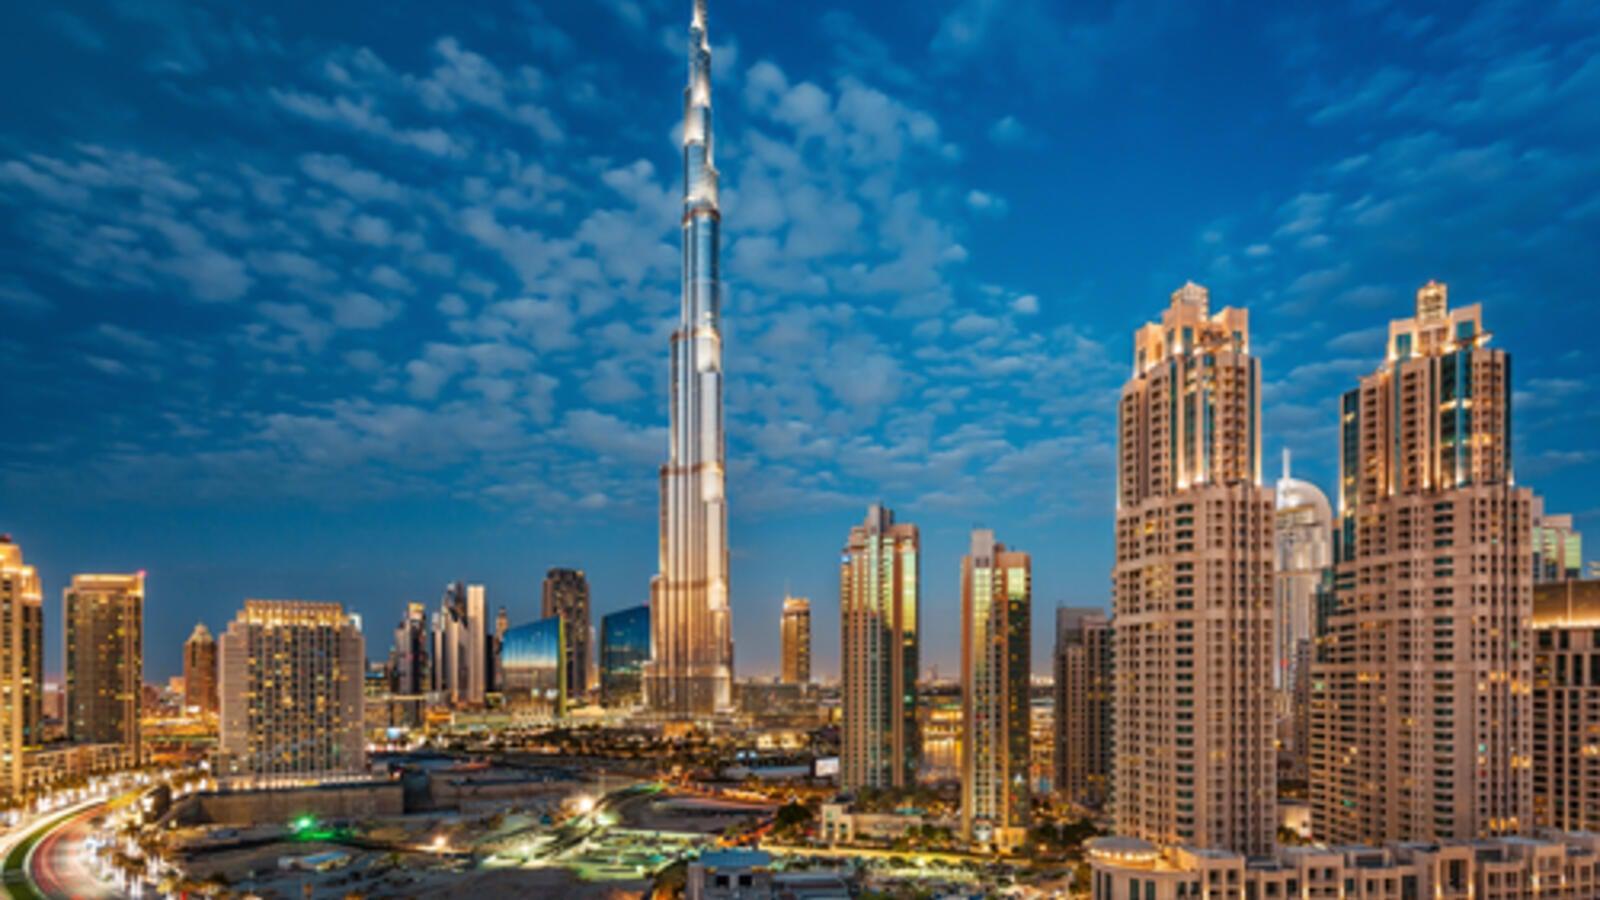 فنادق دبي تستأنف استقبال النزلاء بدعم الطلب المحلي